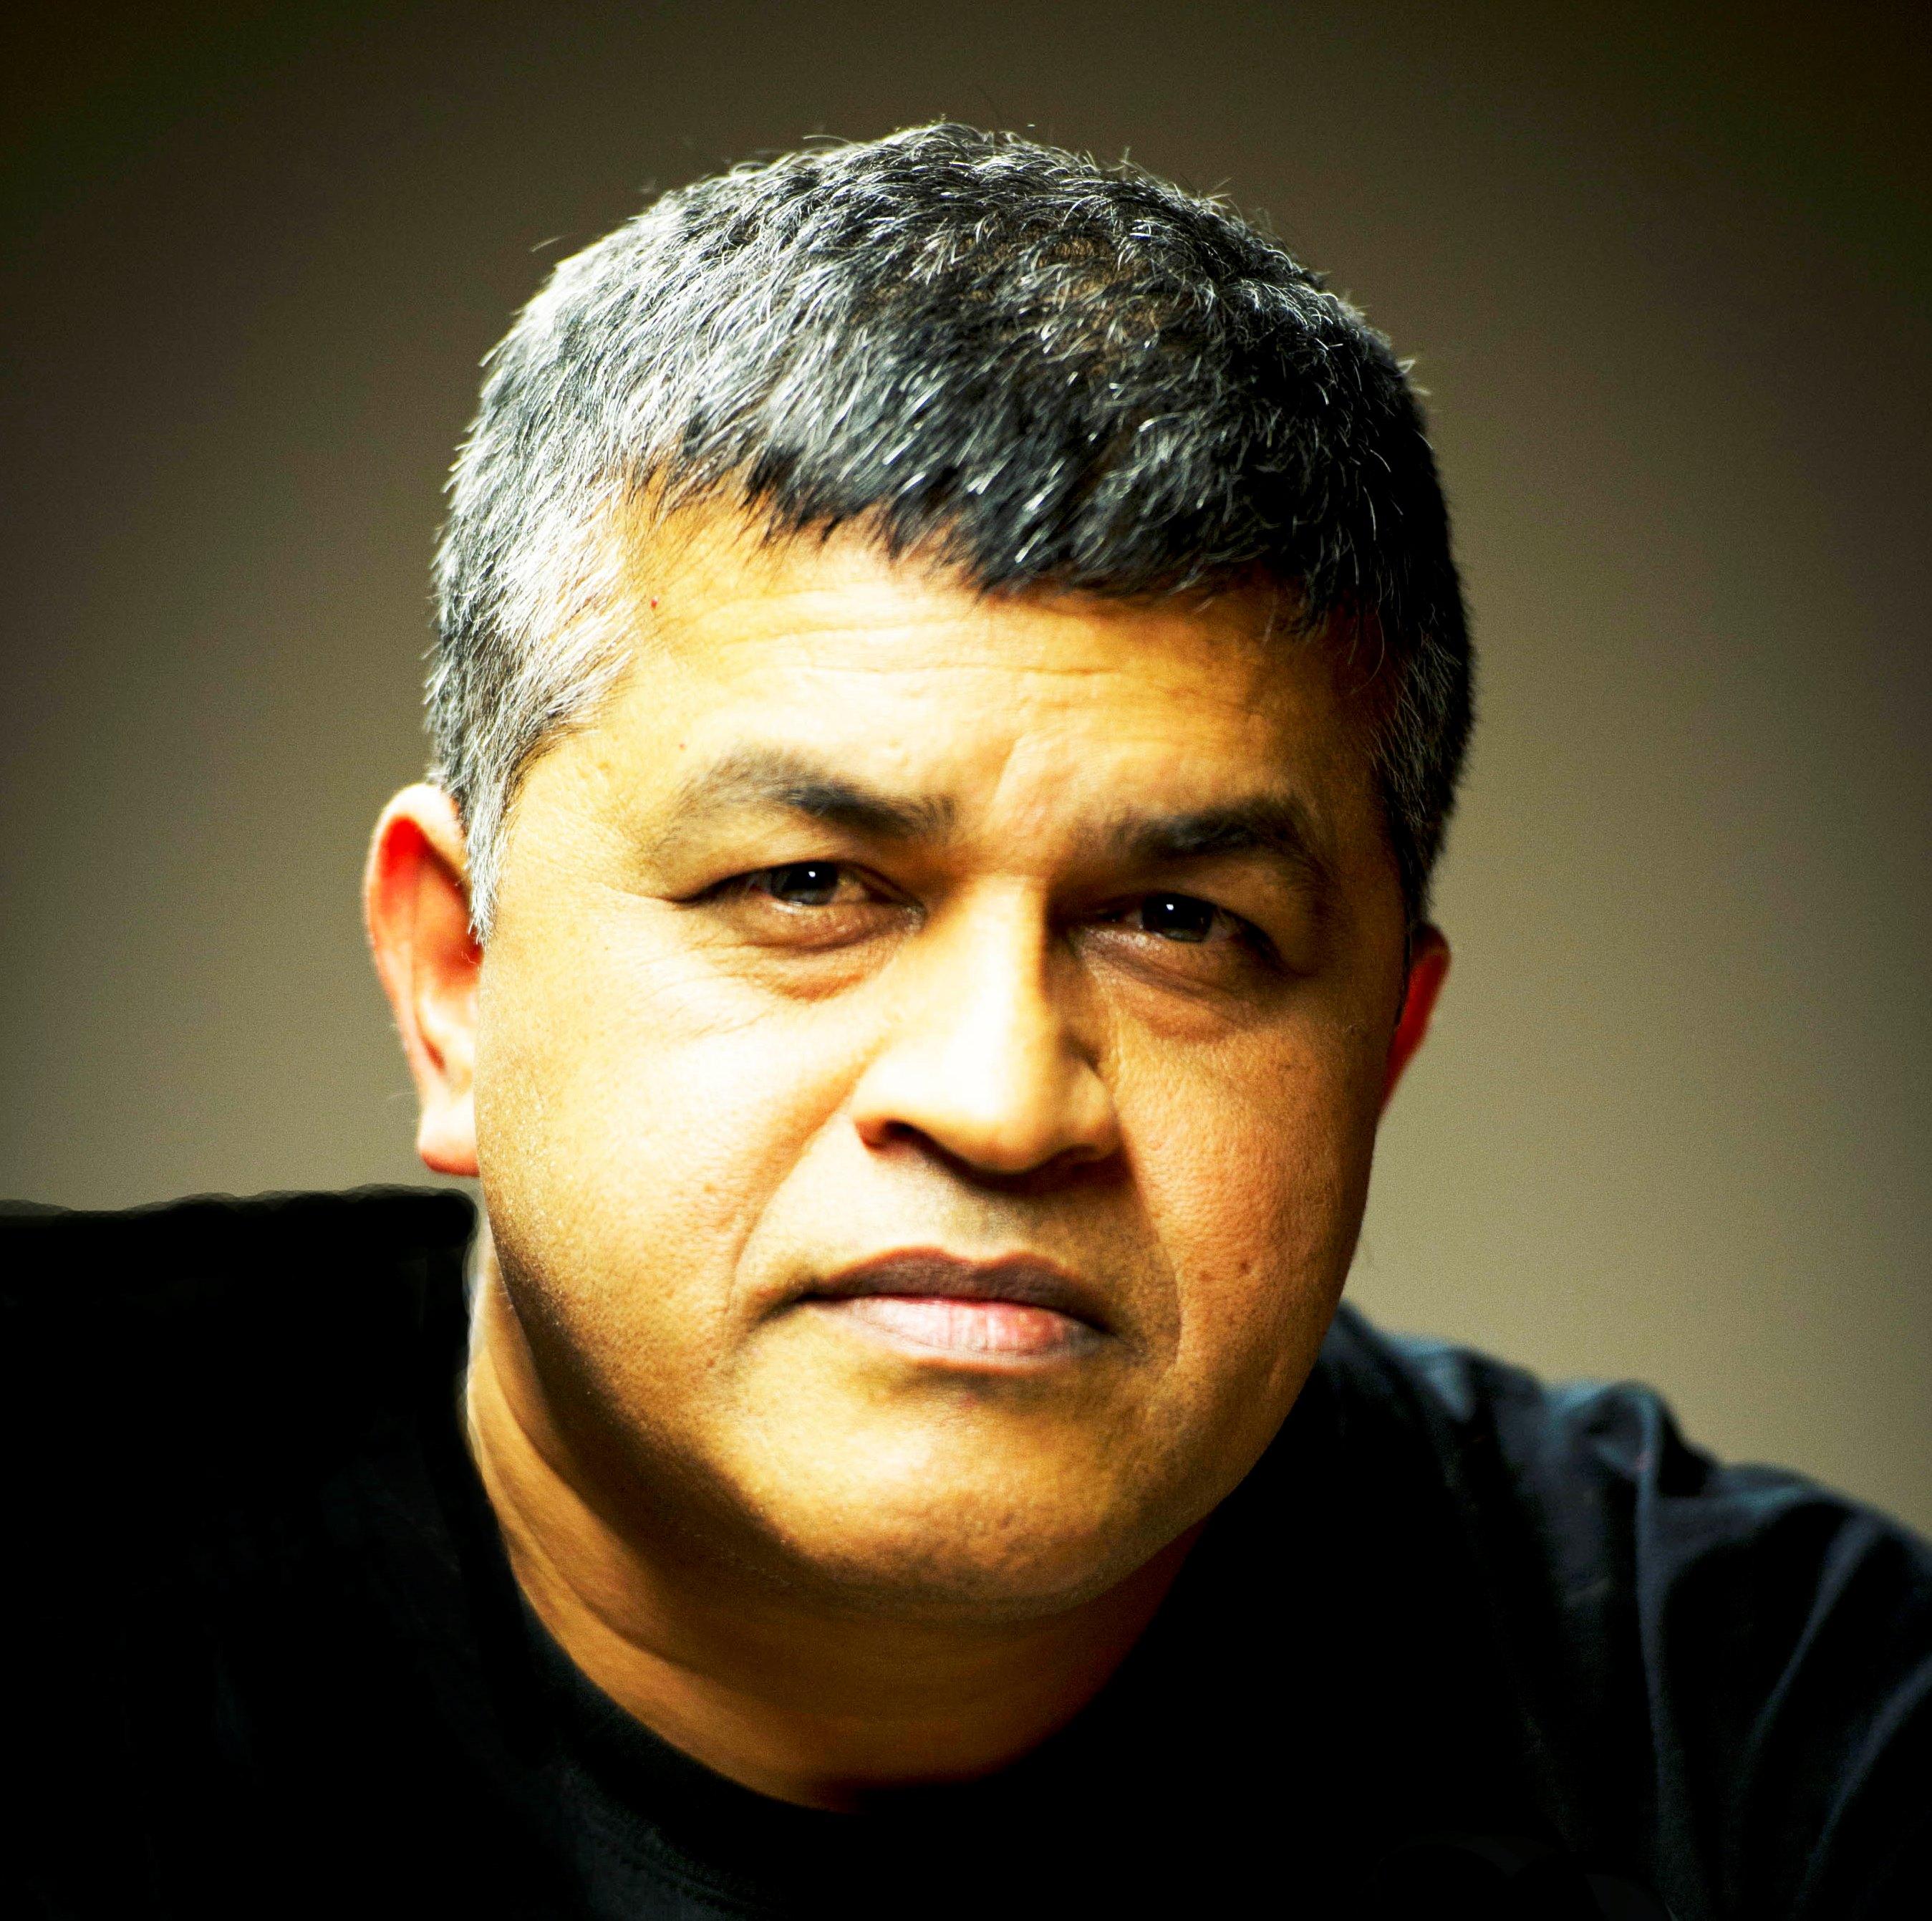 Zunar headshot pic